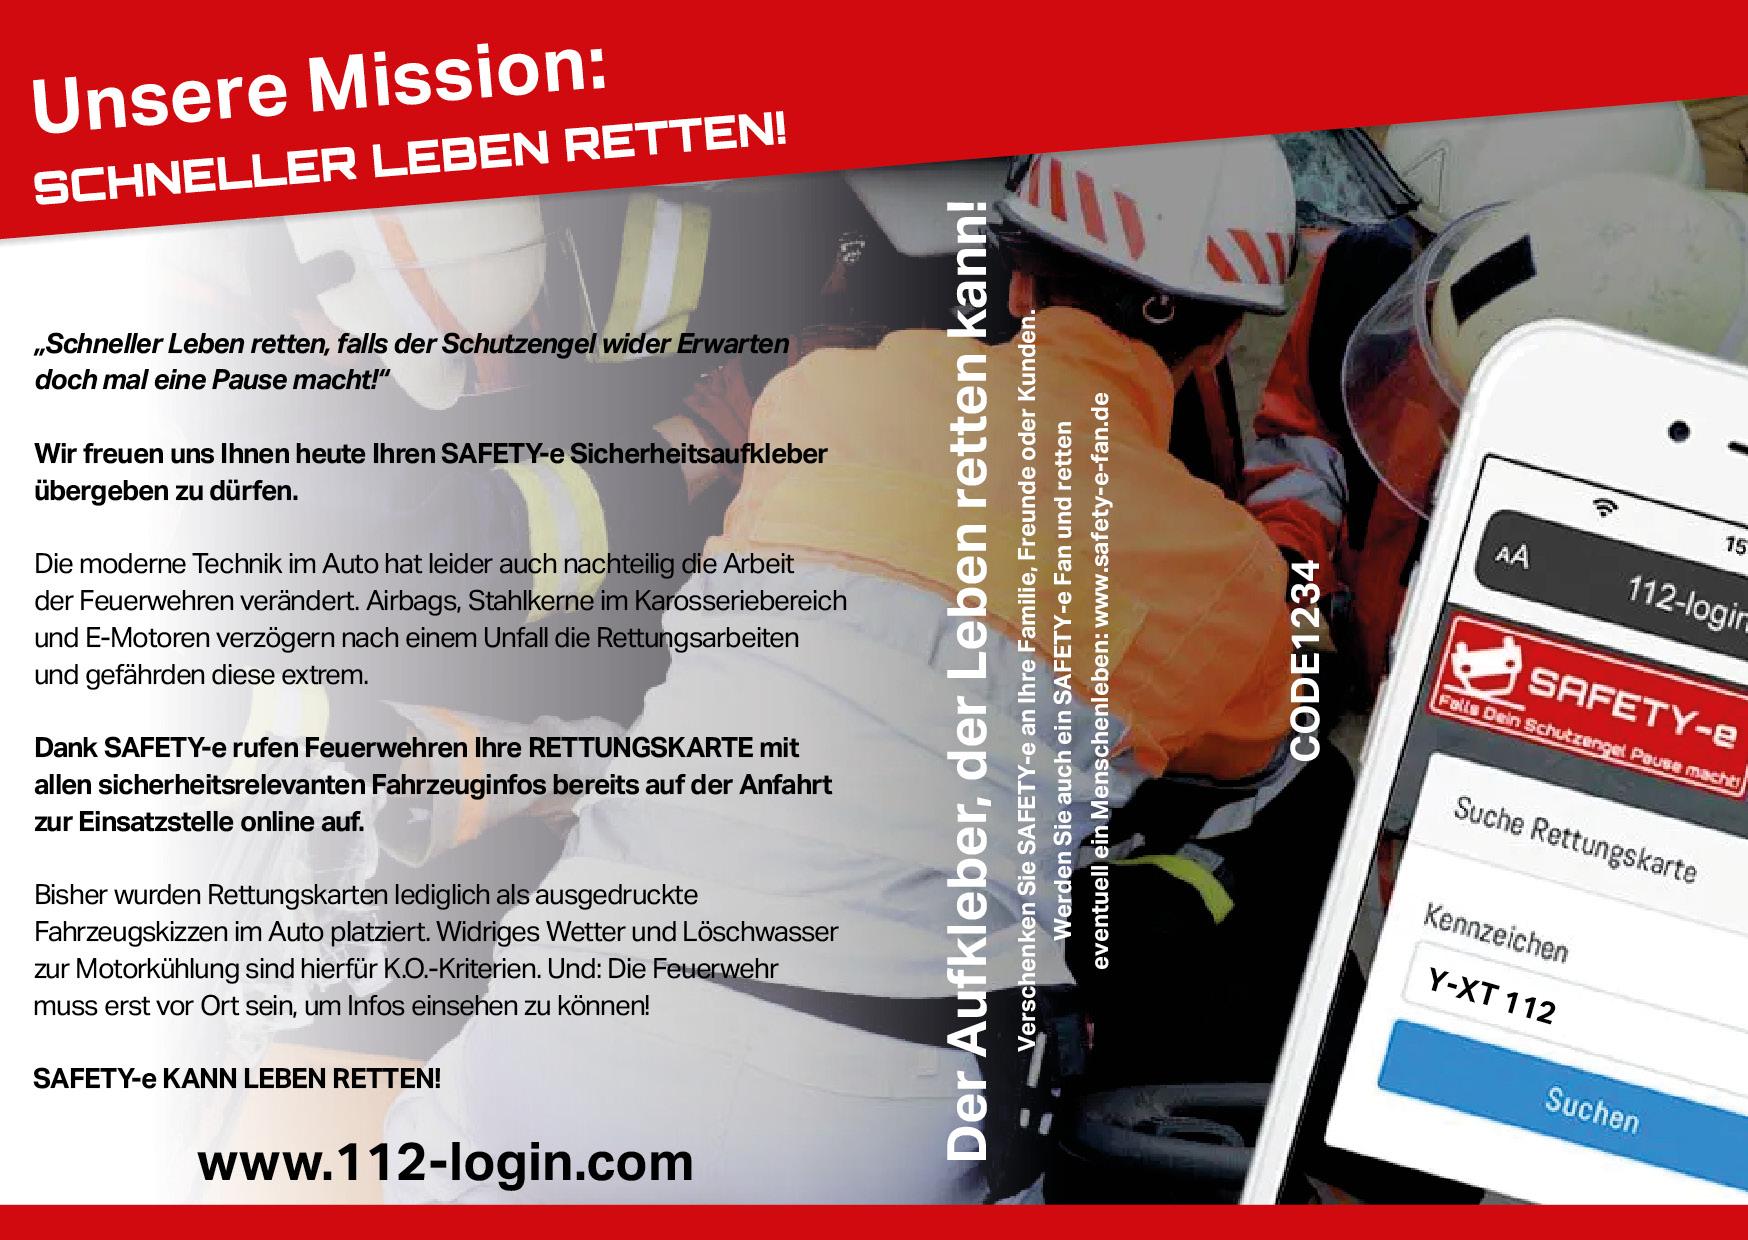 Safety-e_WFMA Infoblatt_4seitig2